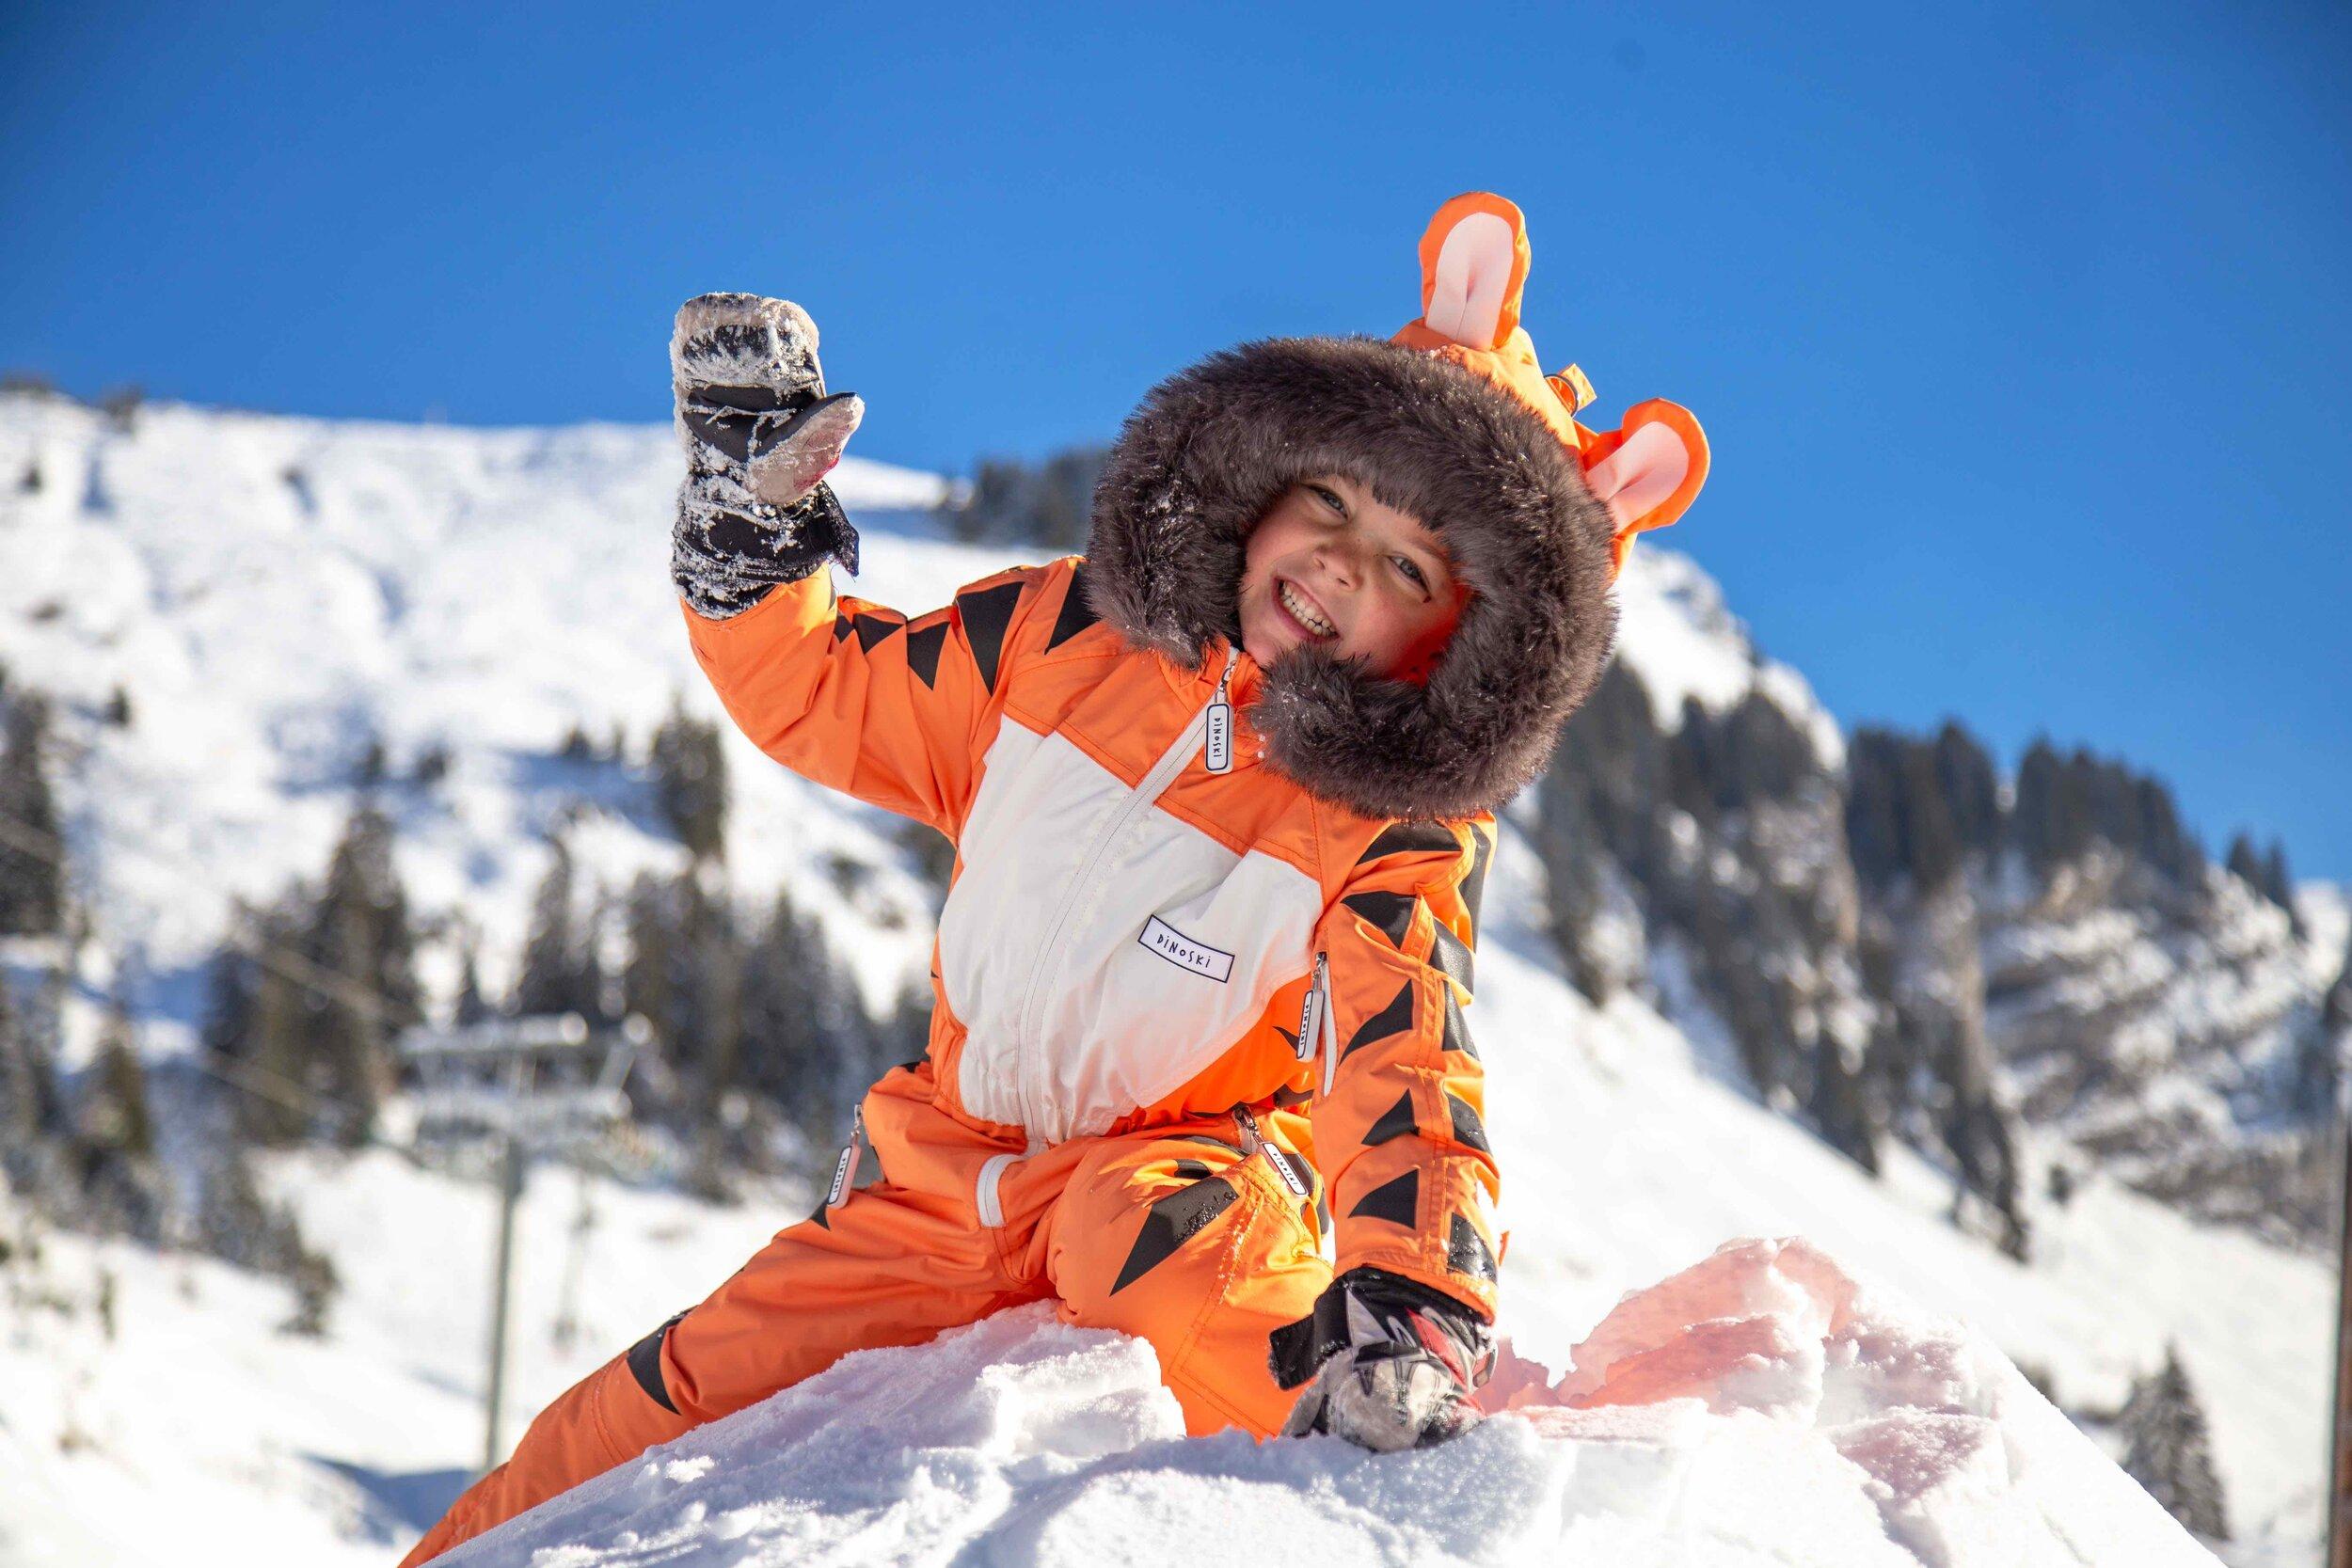 ski clothes for children.jpg